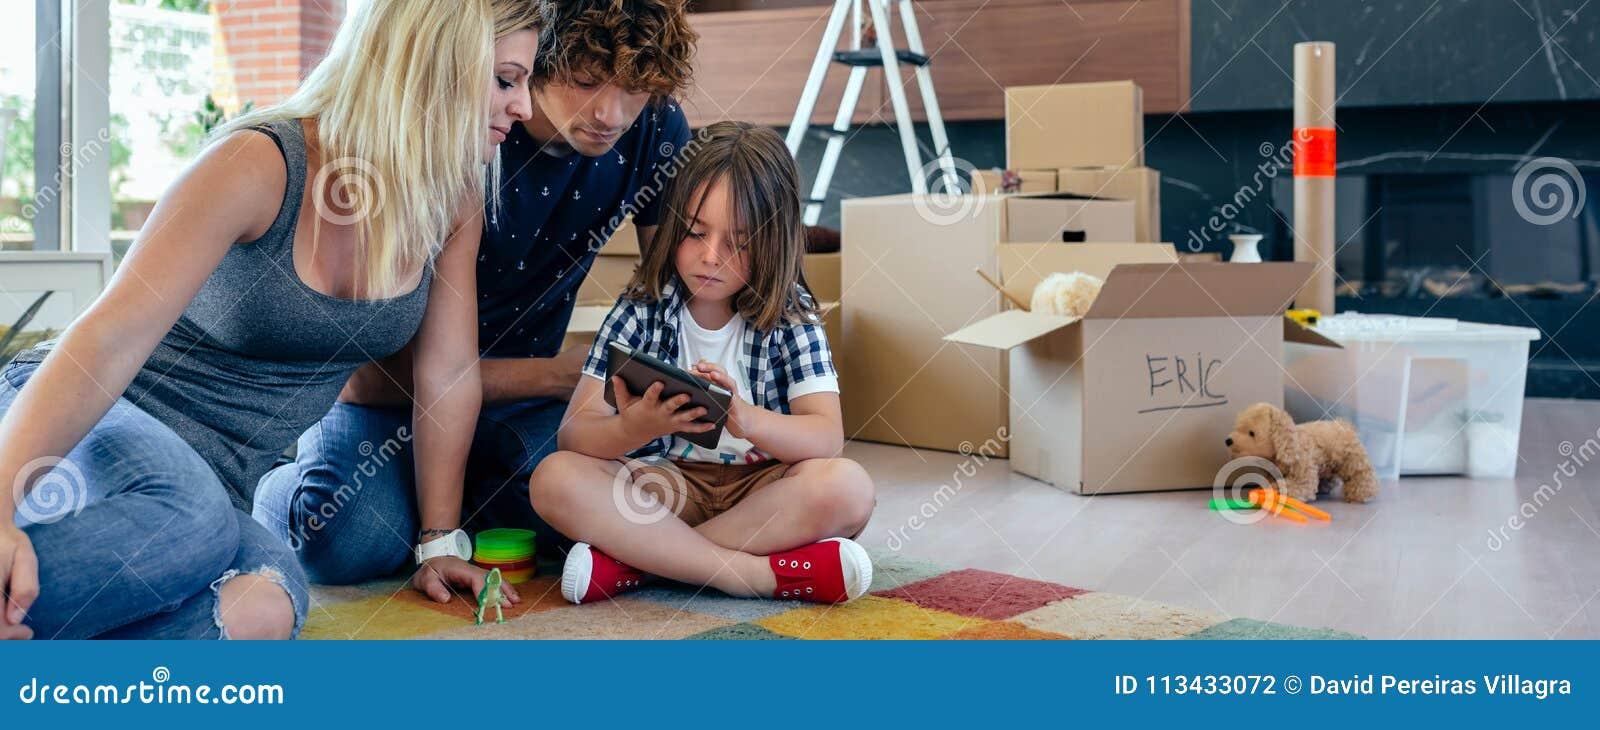 Eltern, die ihren kleinen Sohn überwachen, Tablette zu spielen